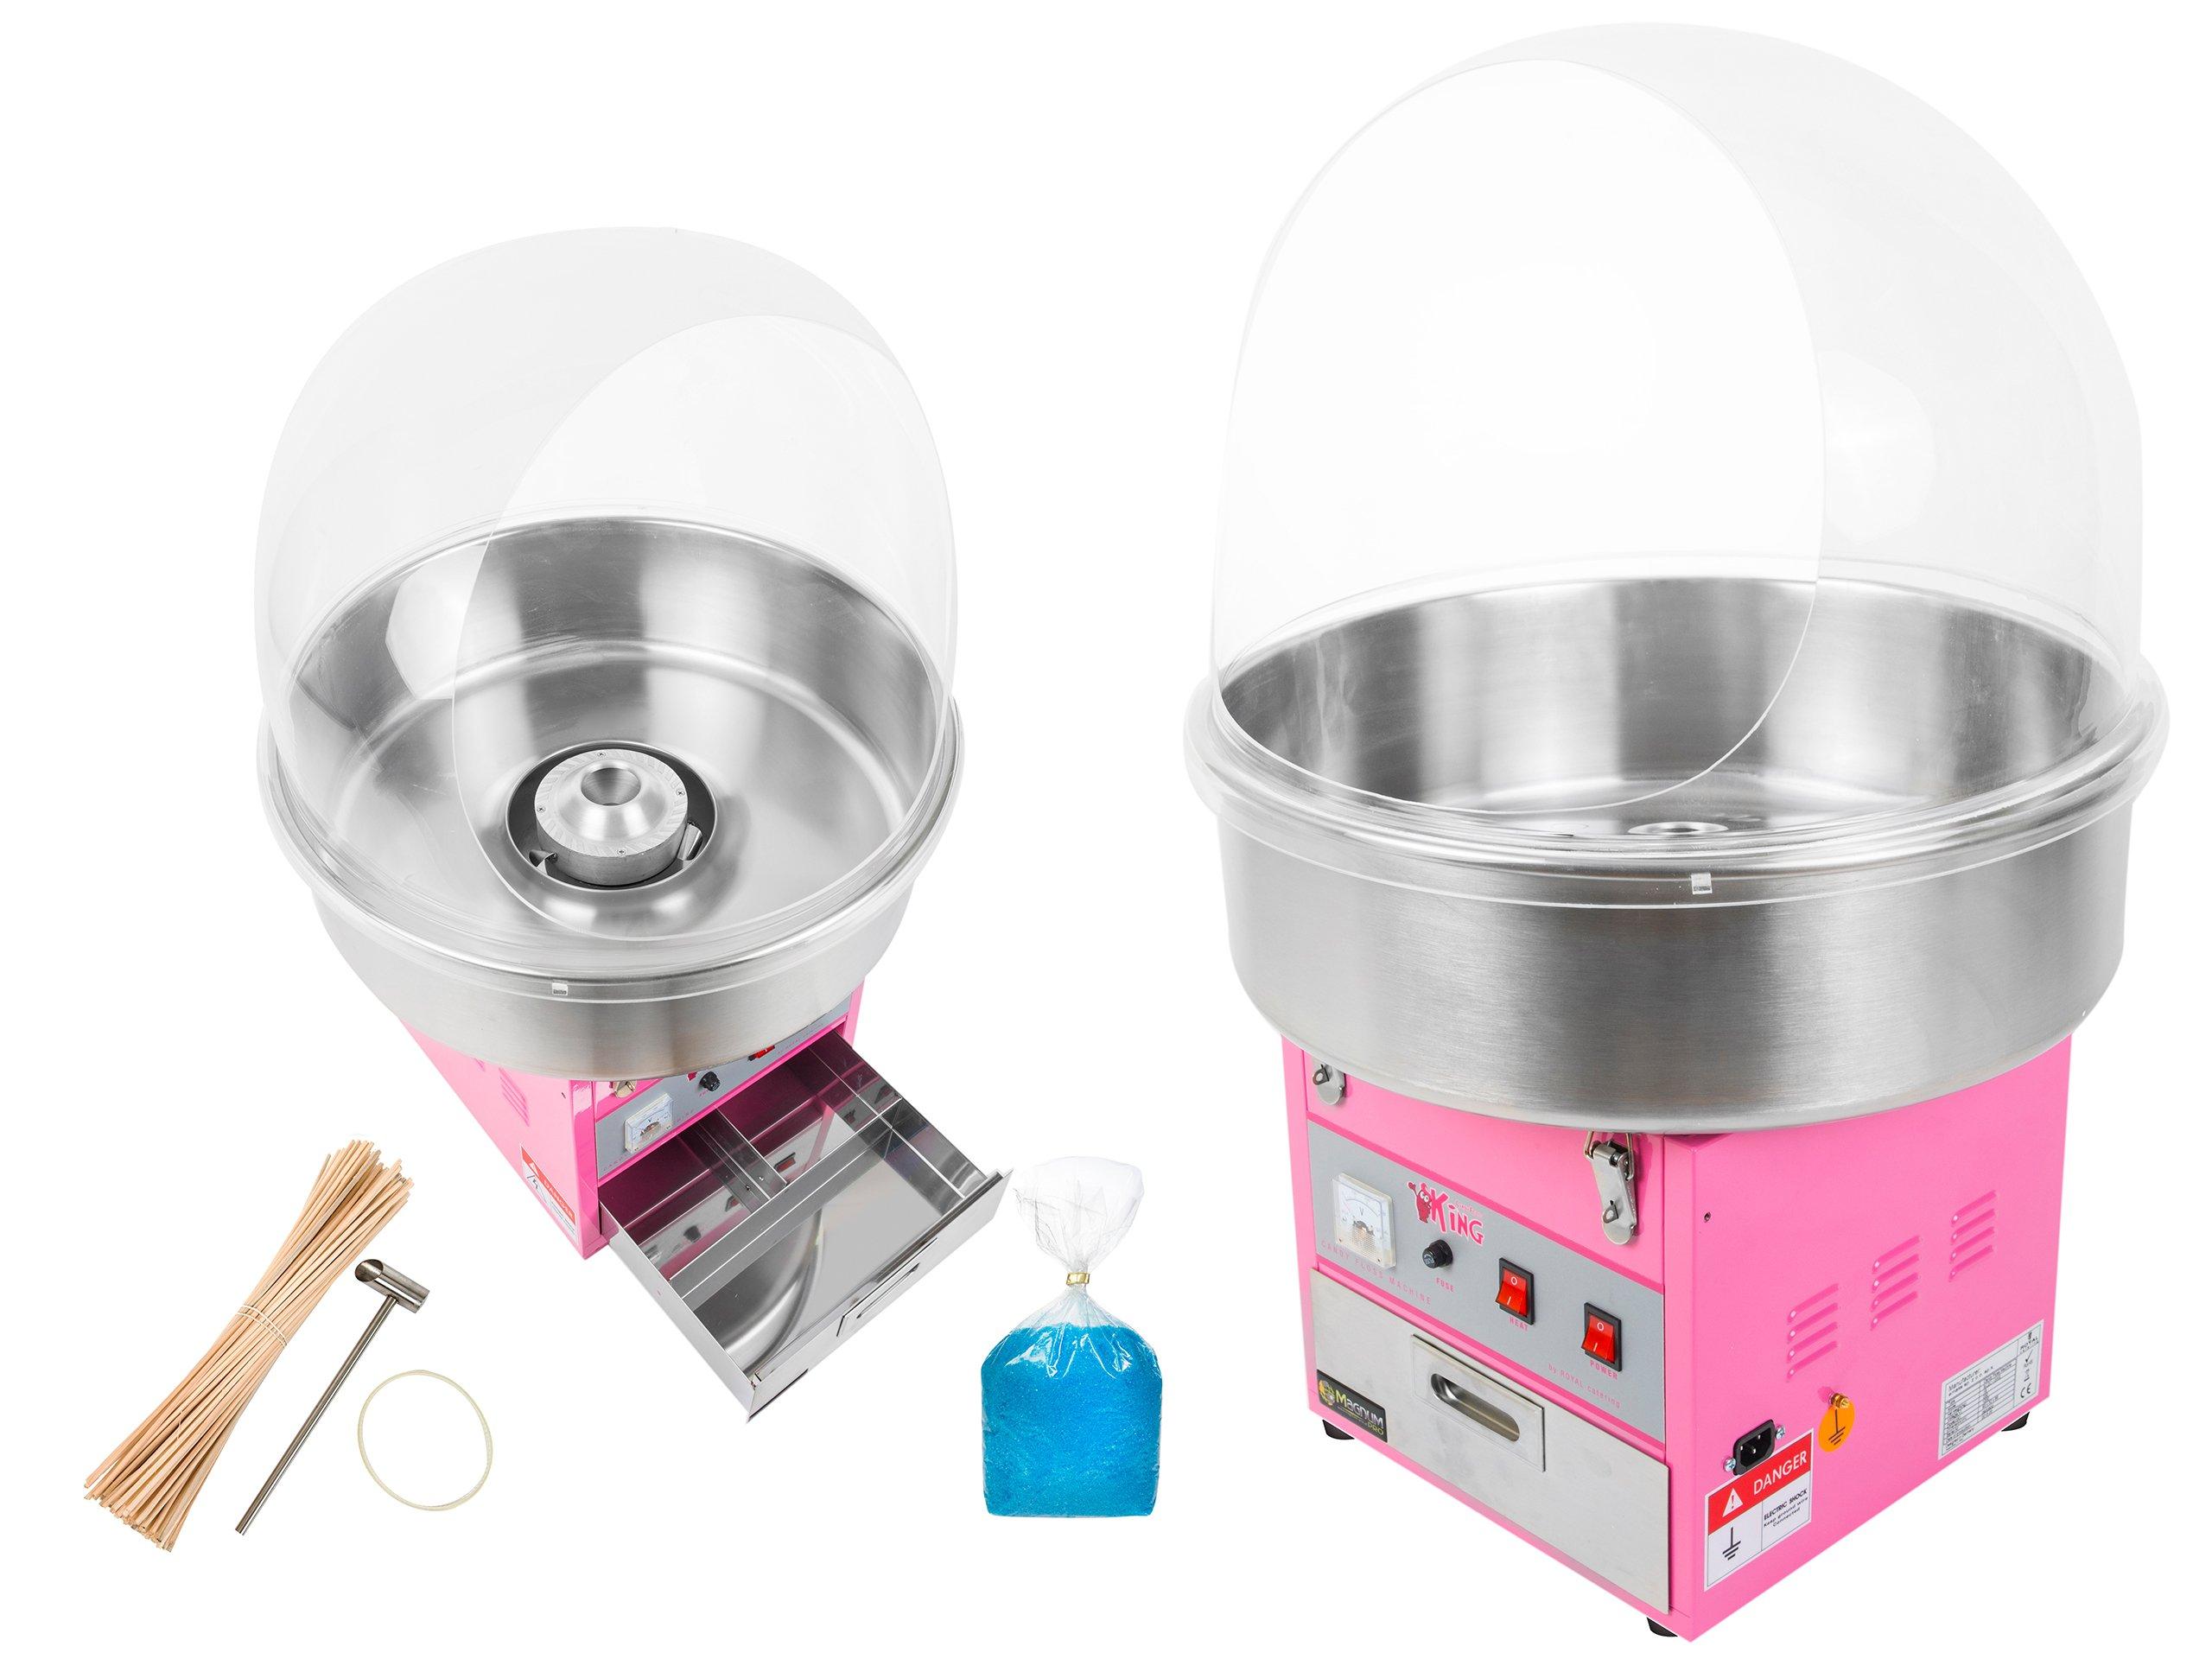 Sugar Cotton Stroj pre cukor WAT + FV CUKRU